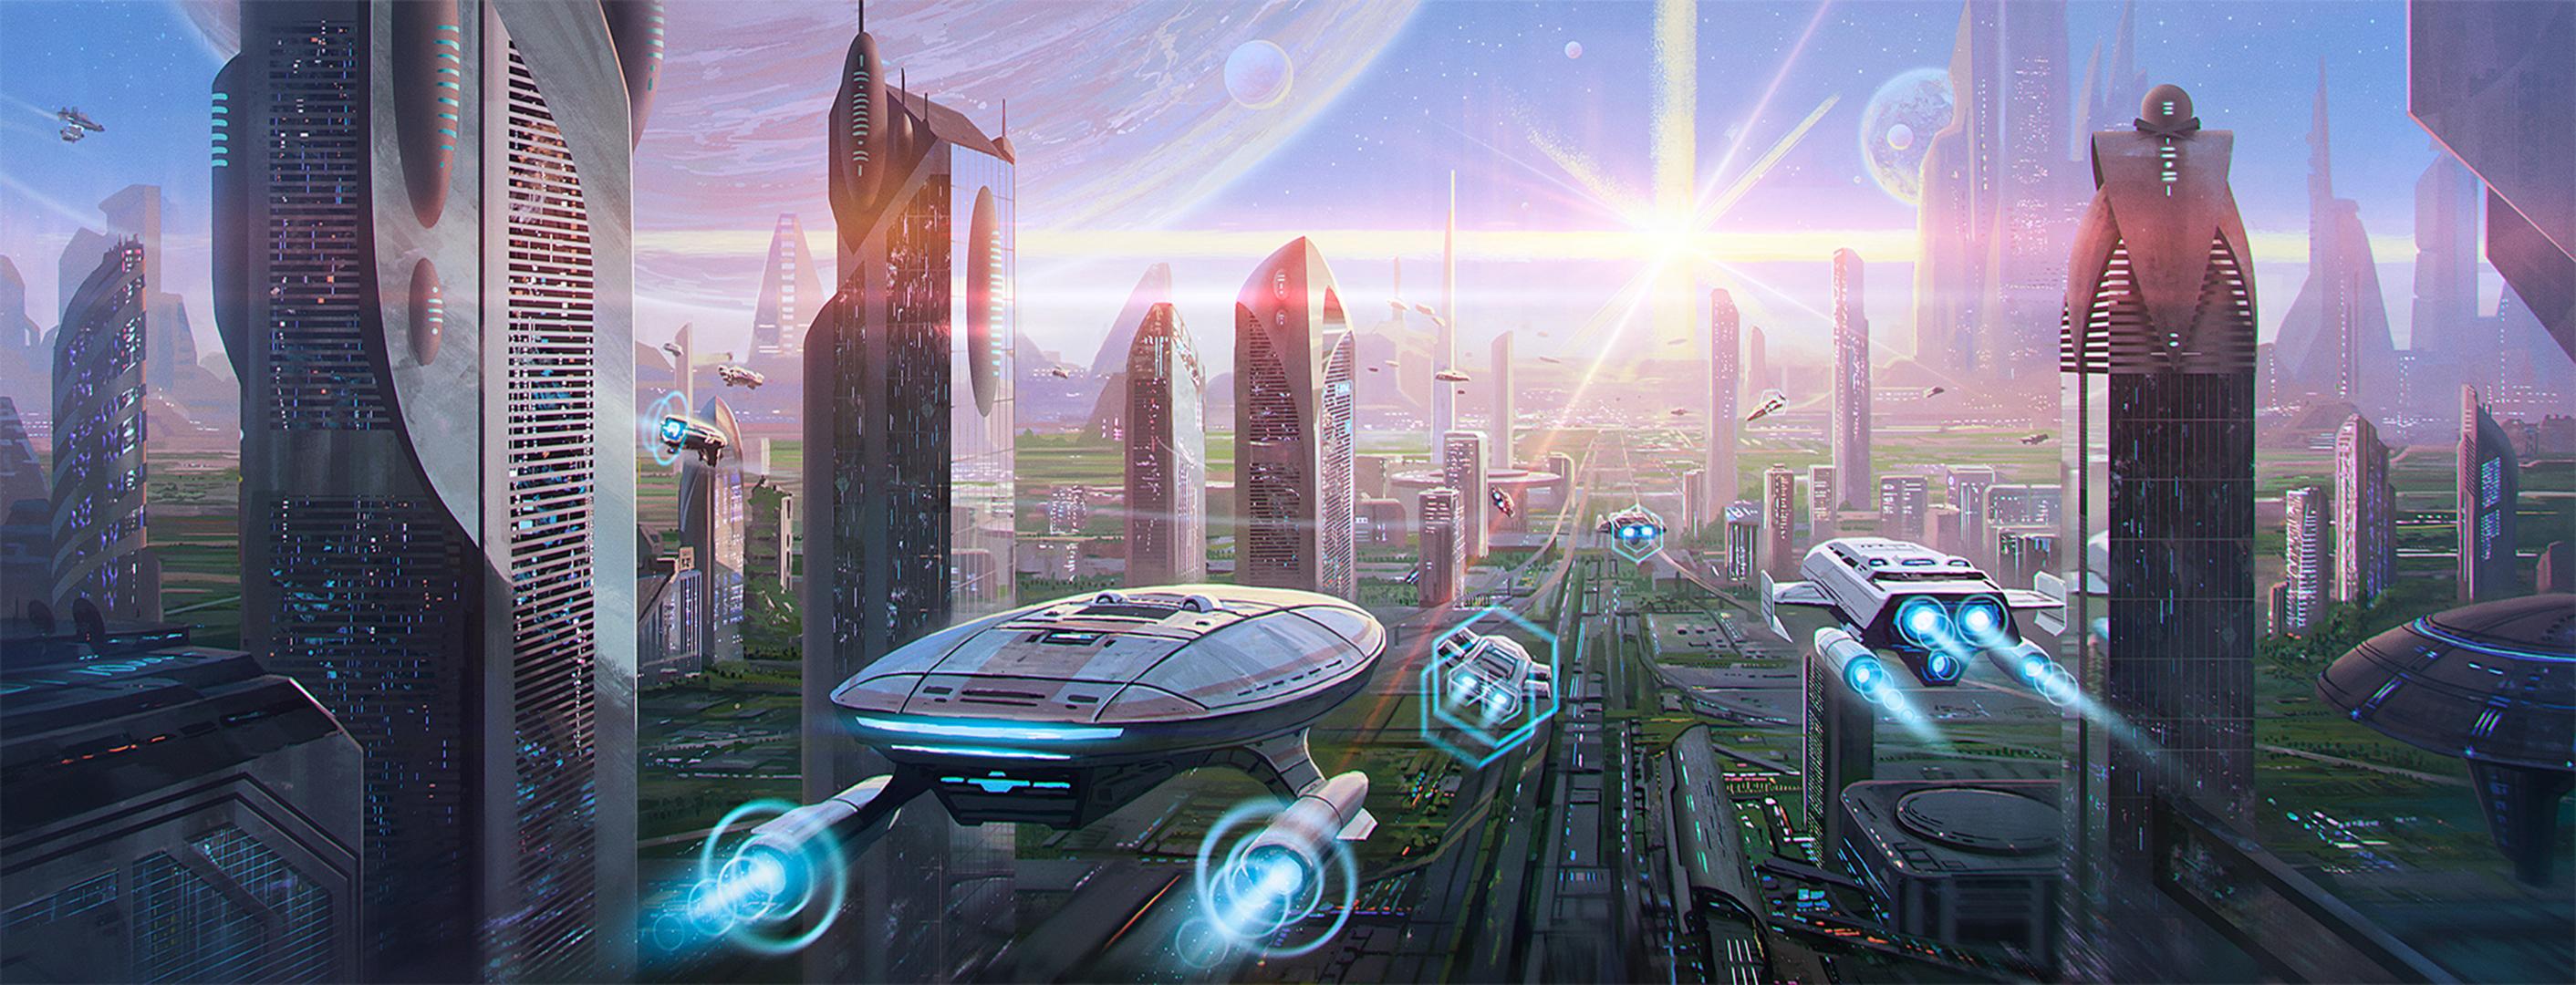 资讯_哇,科幻片中的城市交通快成现实了!-全球资讯-文章资讯栏目 ...